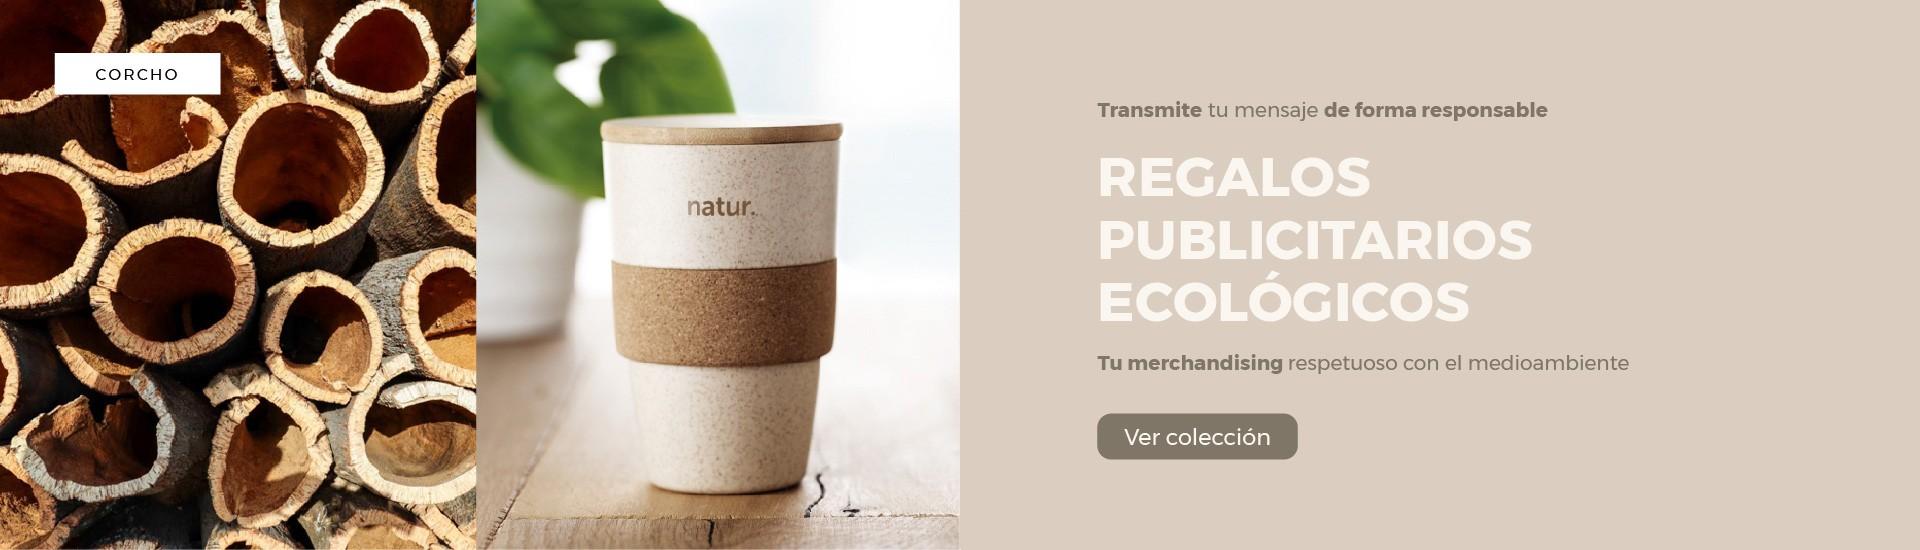 Regalos ecológicos personalizados con tu logo